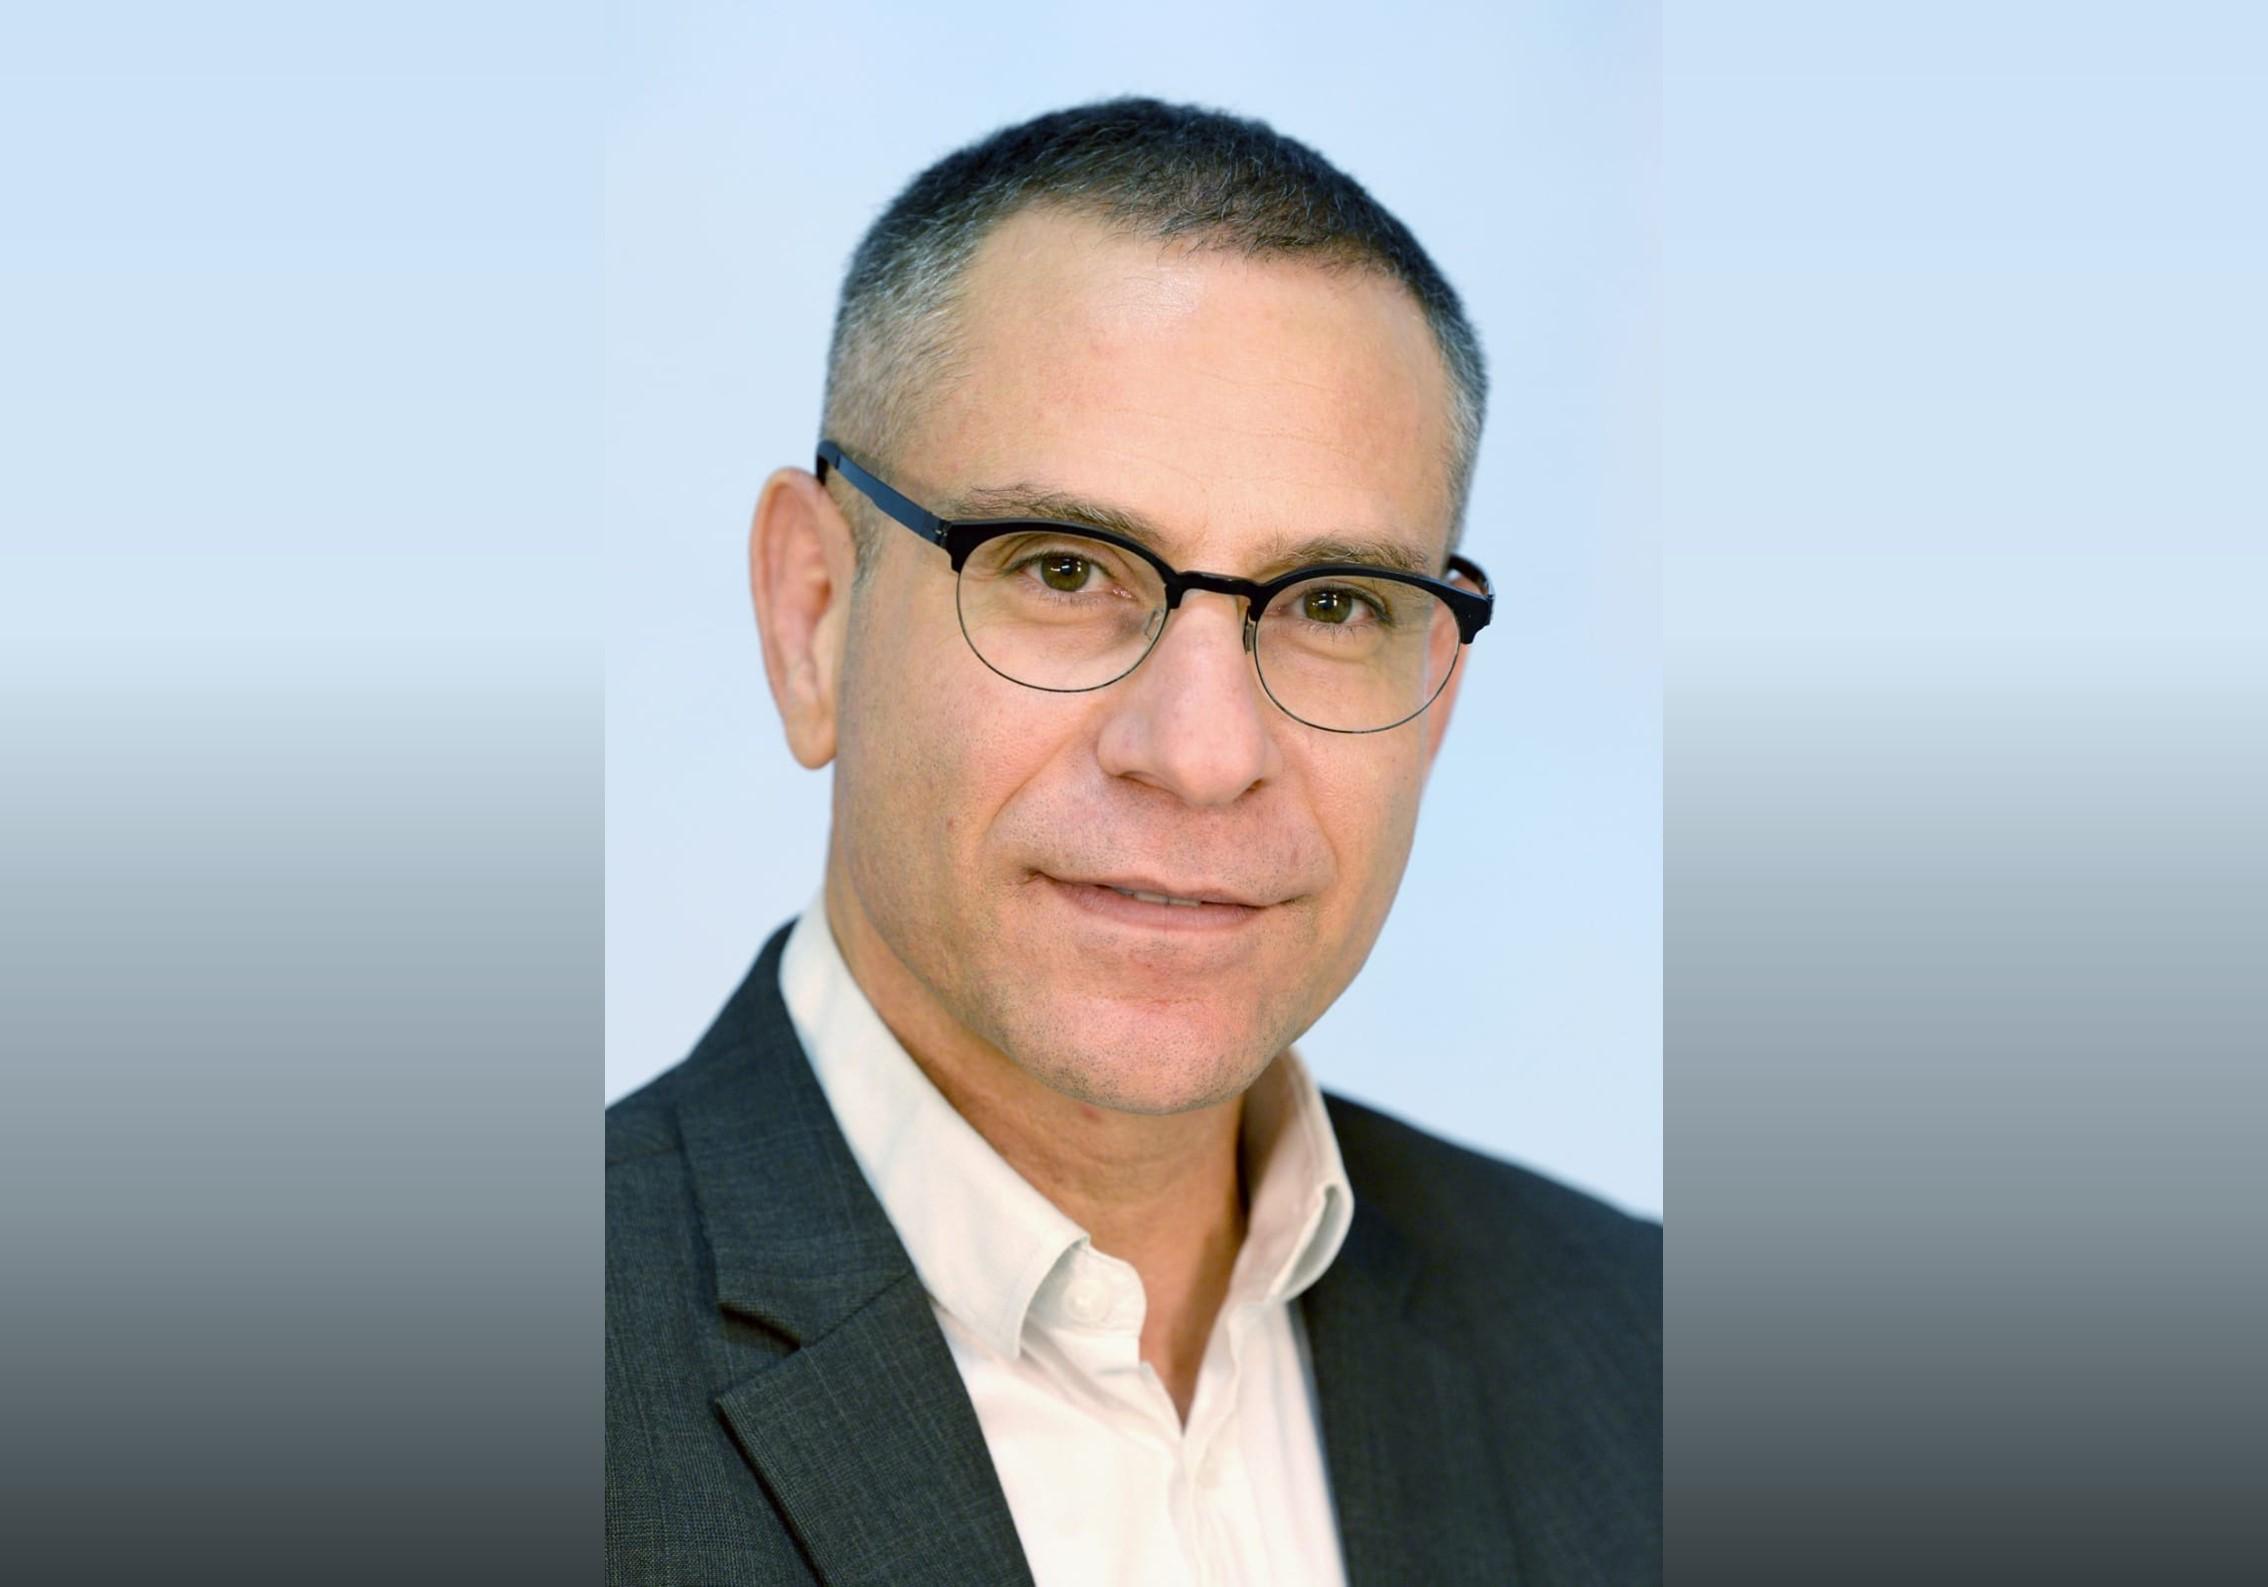 """ערן יעקב, מנהל רשות המסים. צילום: מרק ניימן, לע""""מ"""